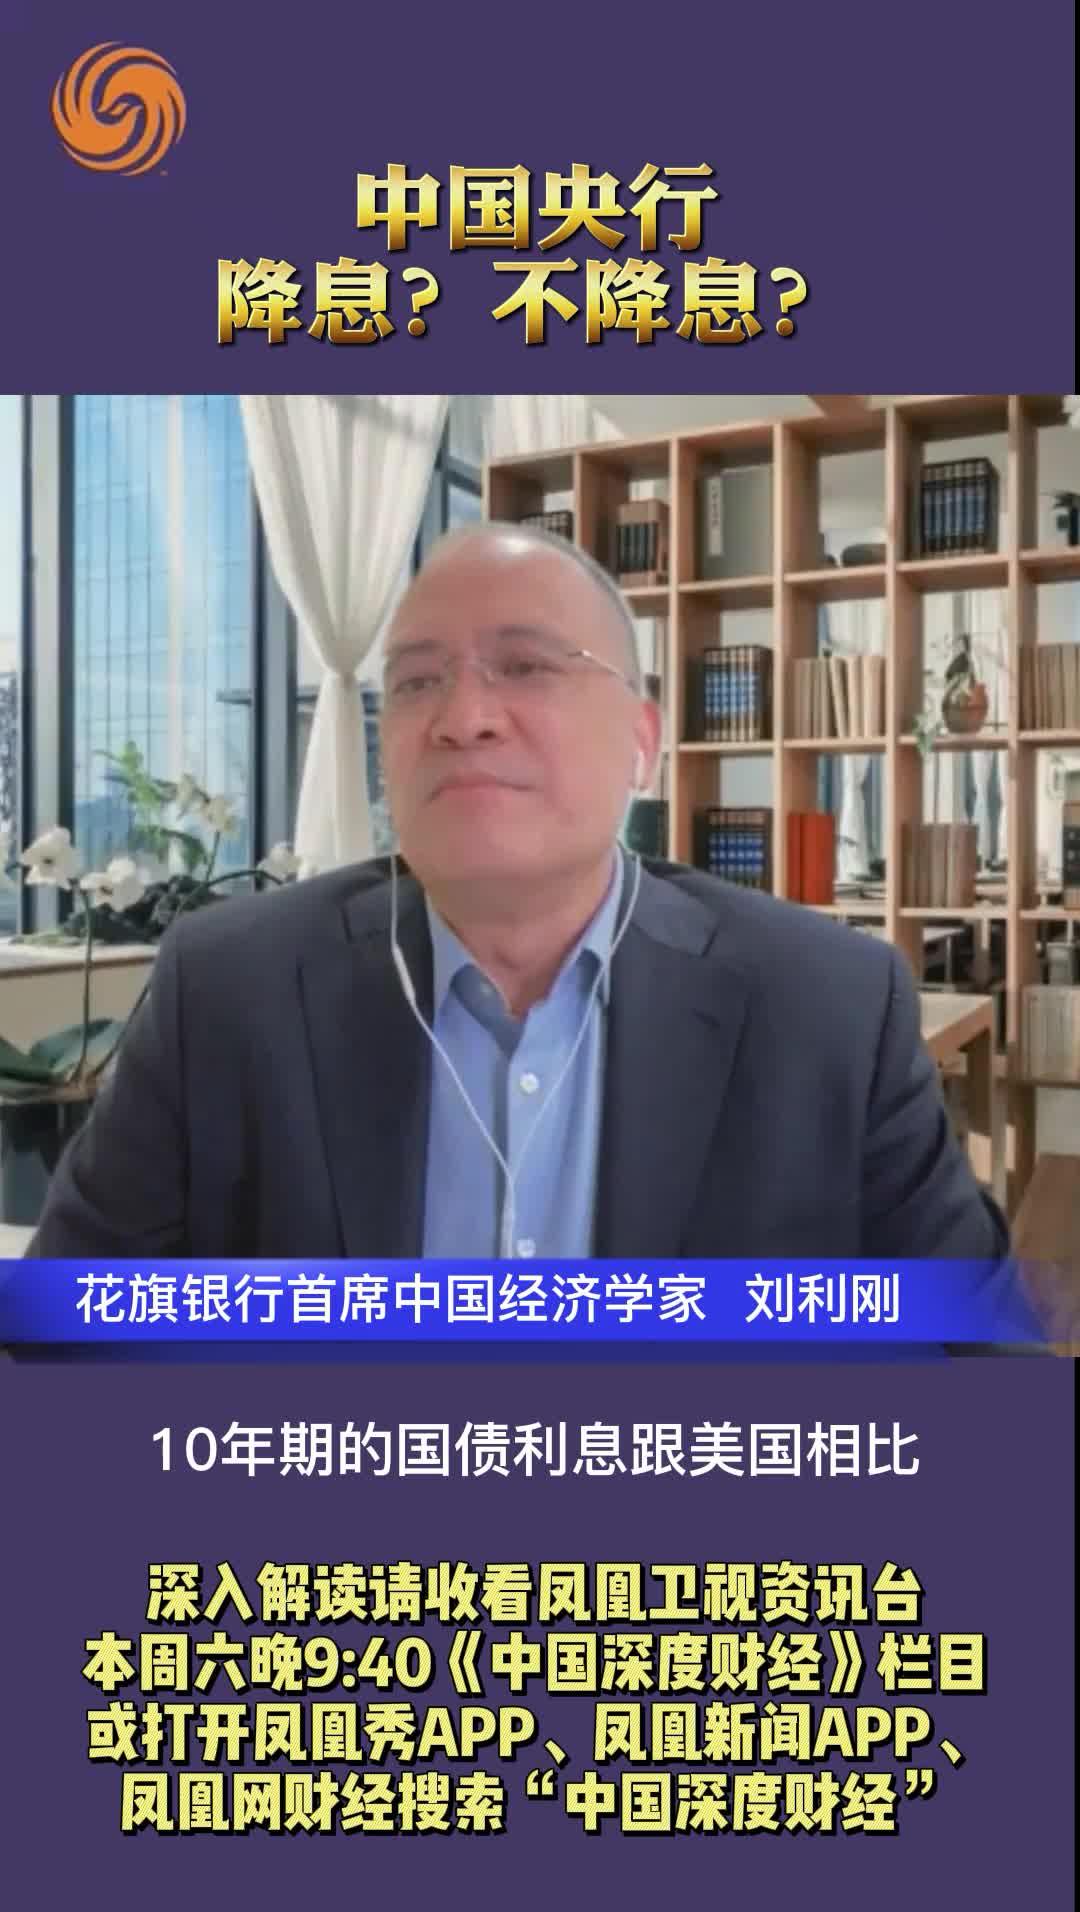 花旗银行首席中国经济学家刘利刚:中国央行降息?不降息?